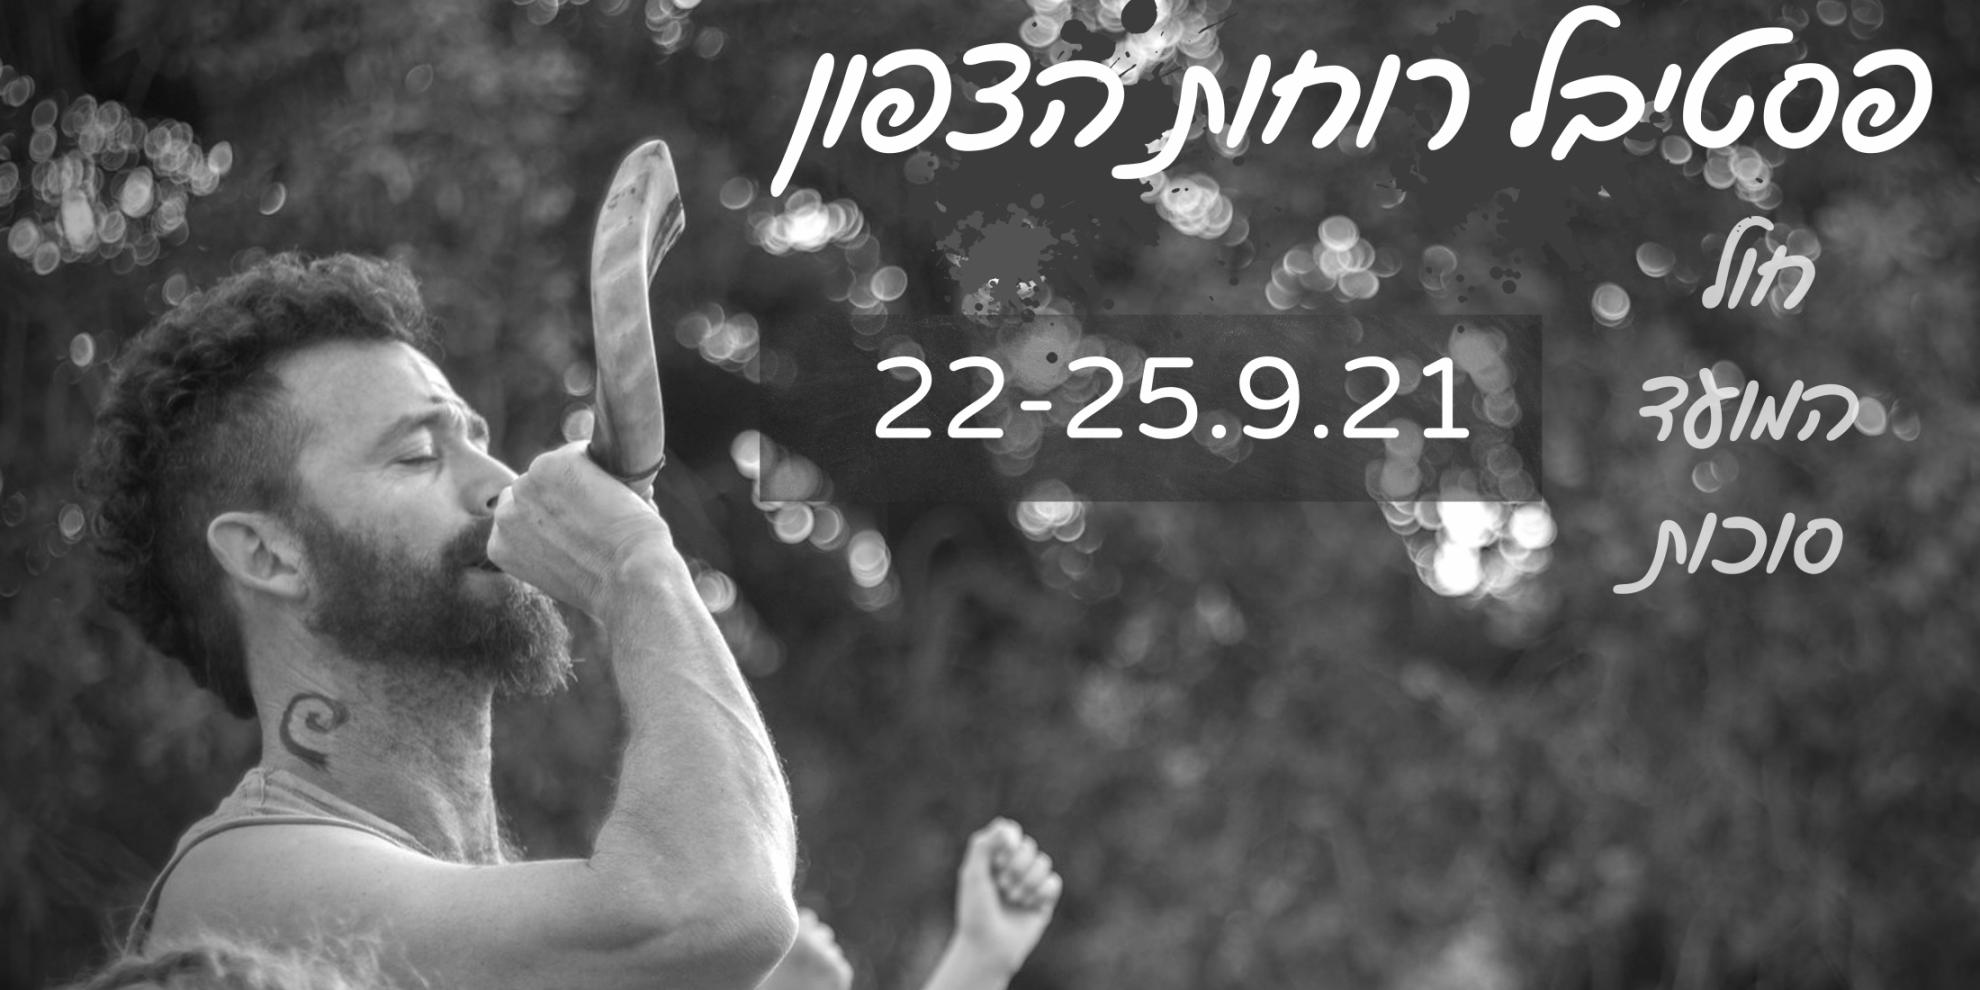 Copy of רוחות הצפון 22-25.9.21 (1)